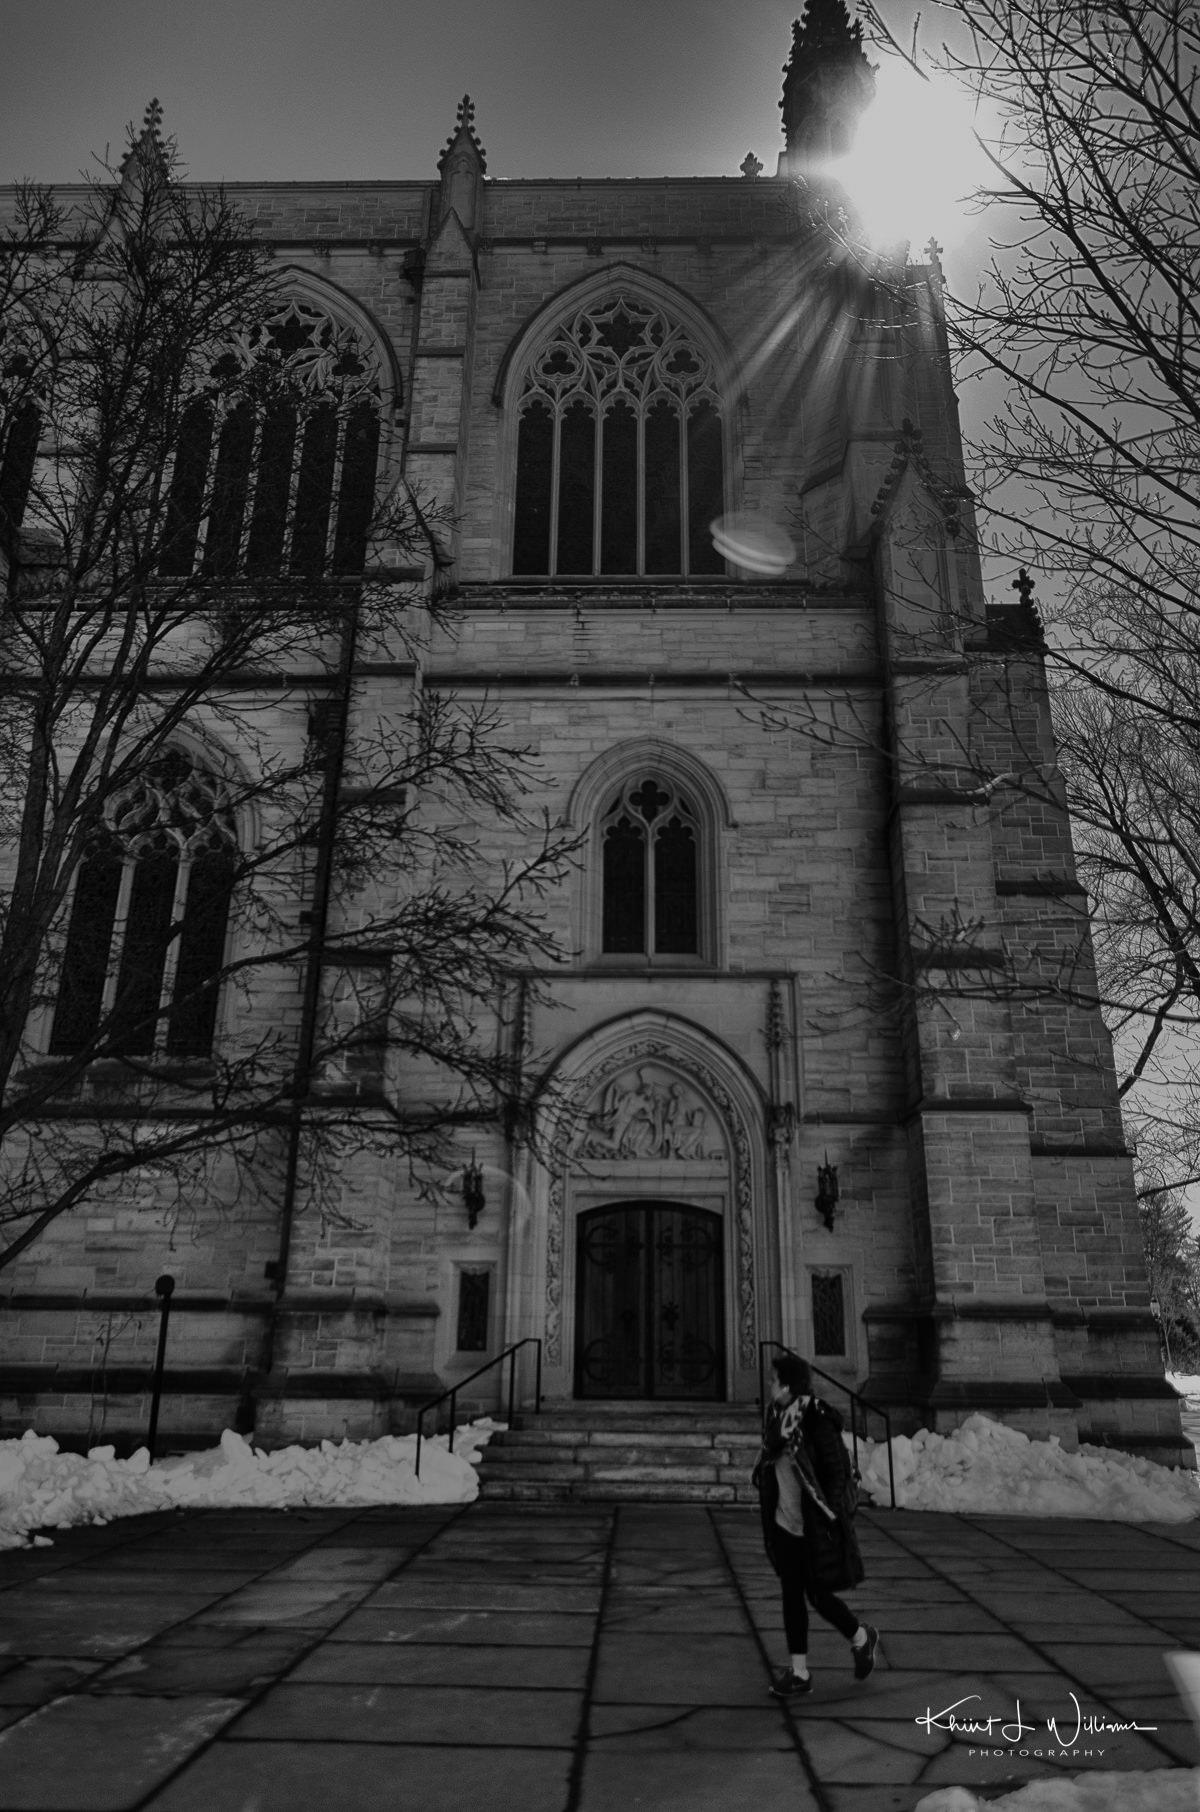 Princeton University Chapel NIKON D5100 20170319 9575 Edit 2 1